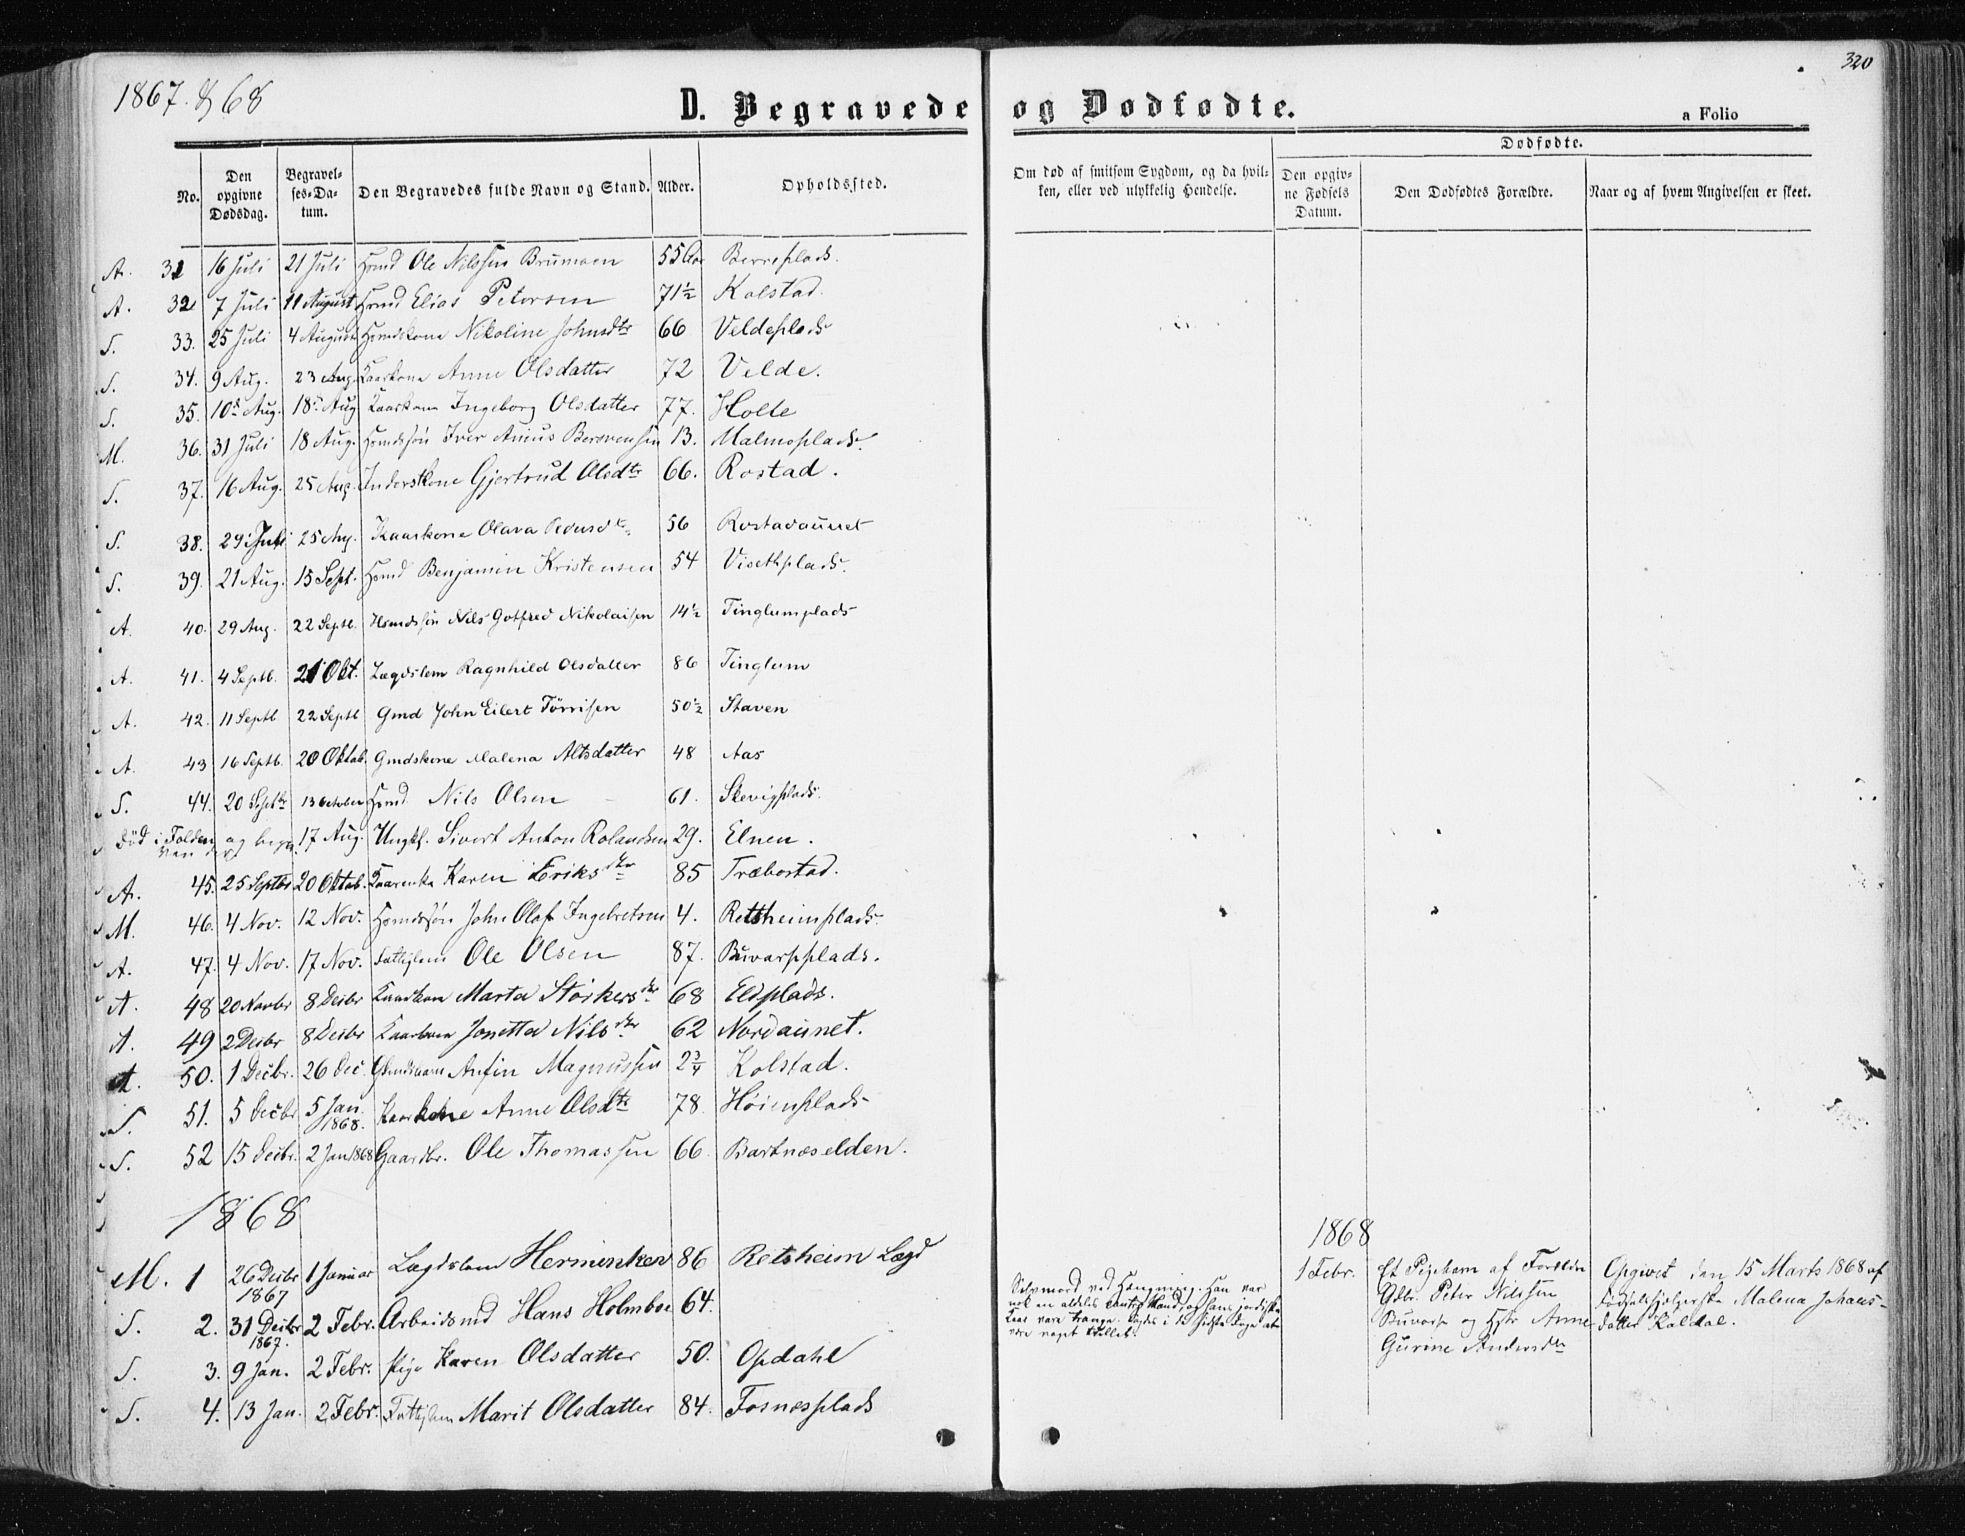 SAT, Ministerialprotokoller, klokkerbøker og fødselsregistre - Nord-Trøndelag, 741/L0394: Ministerialbok nr. 741A08, 1864-1877, s. 320